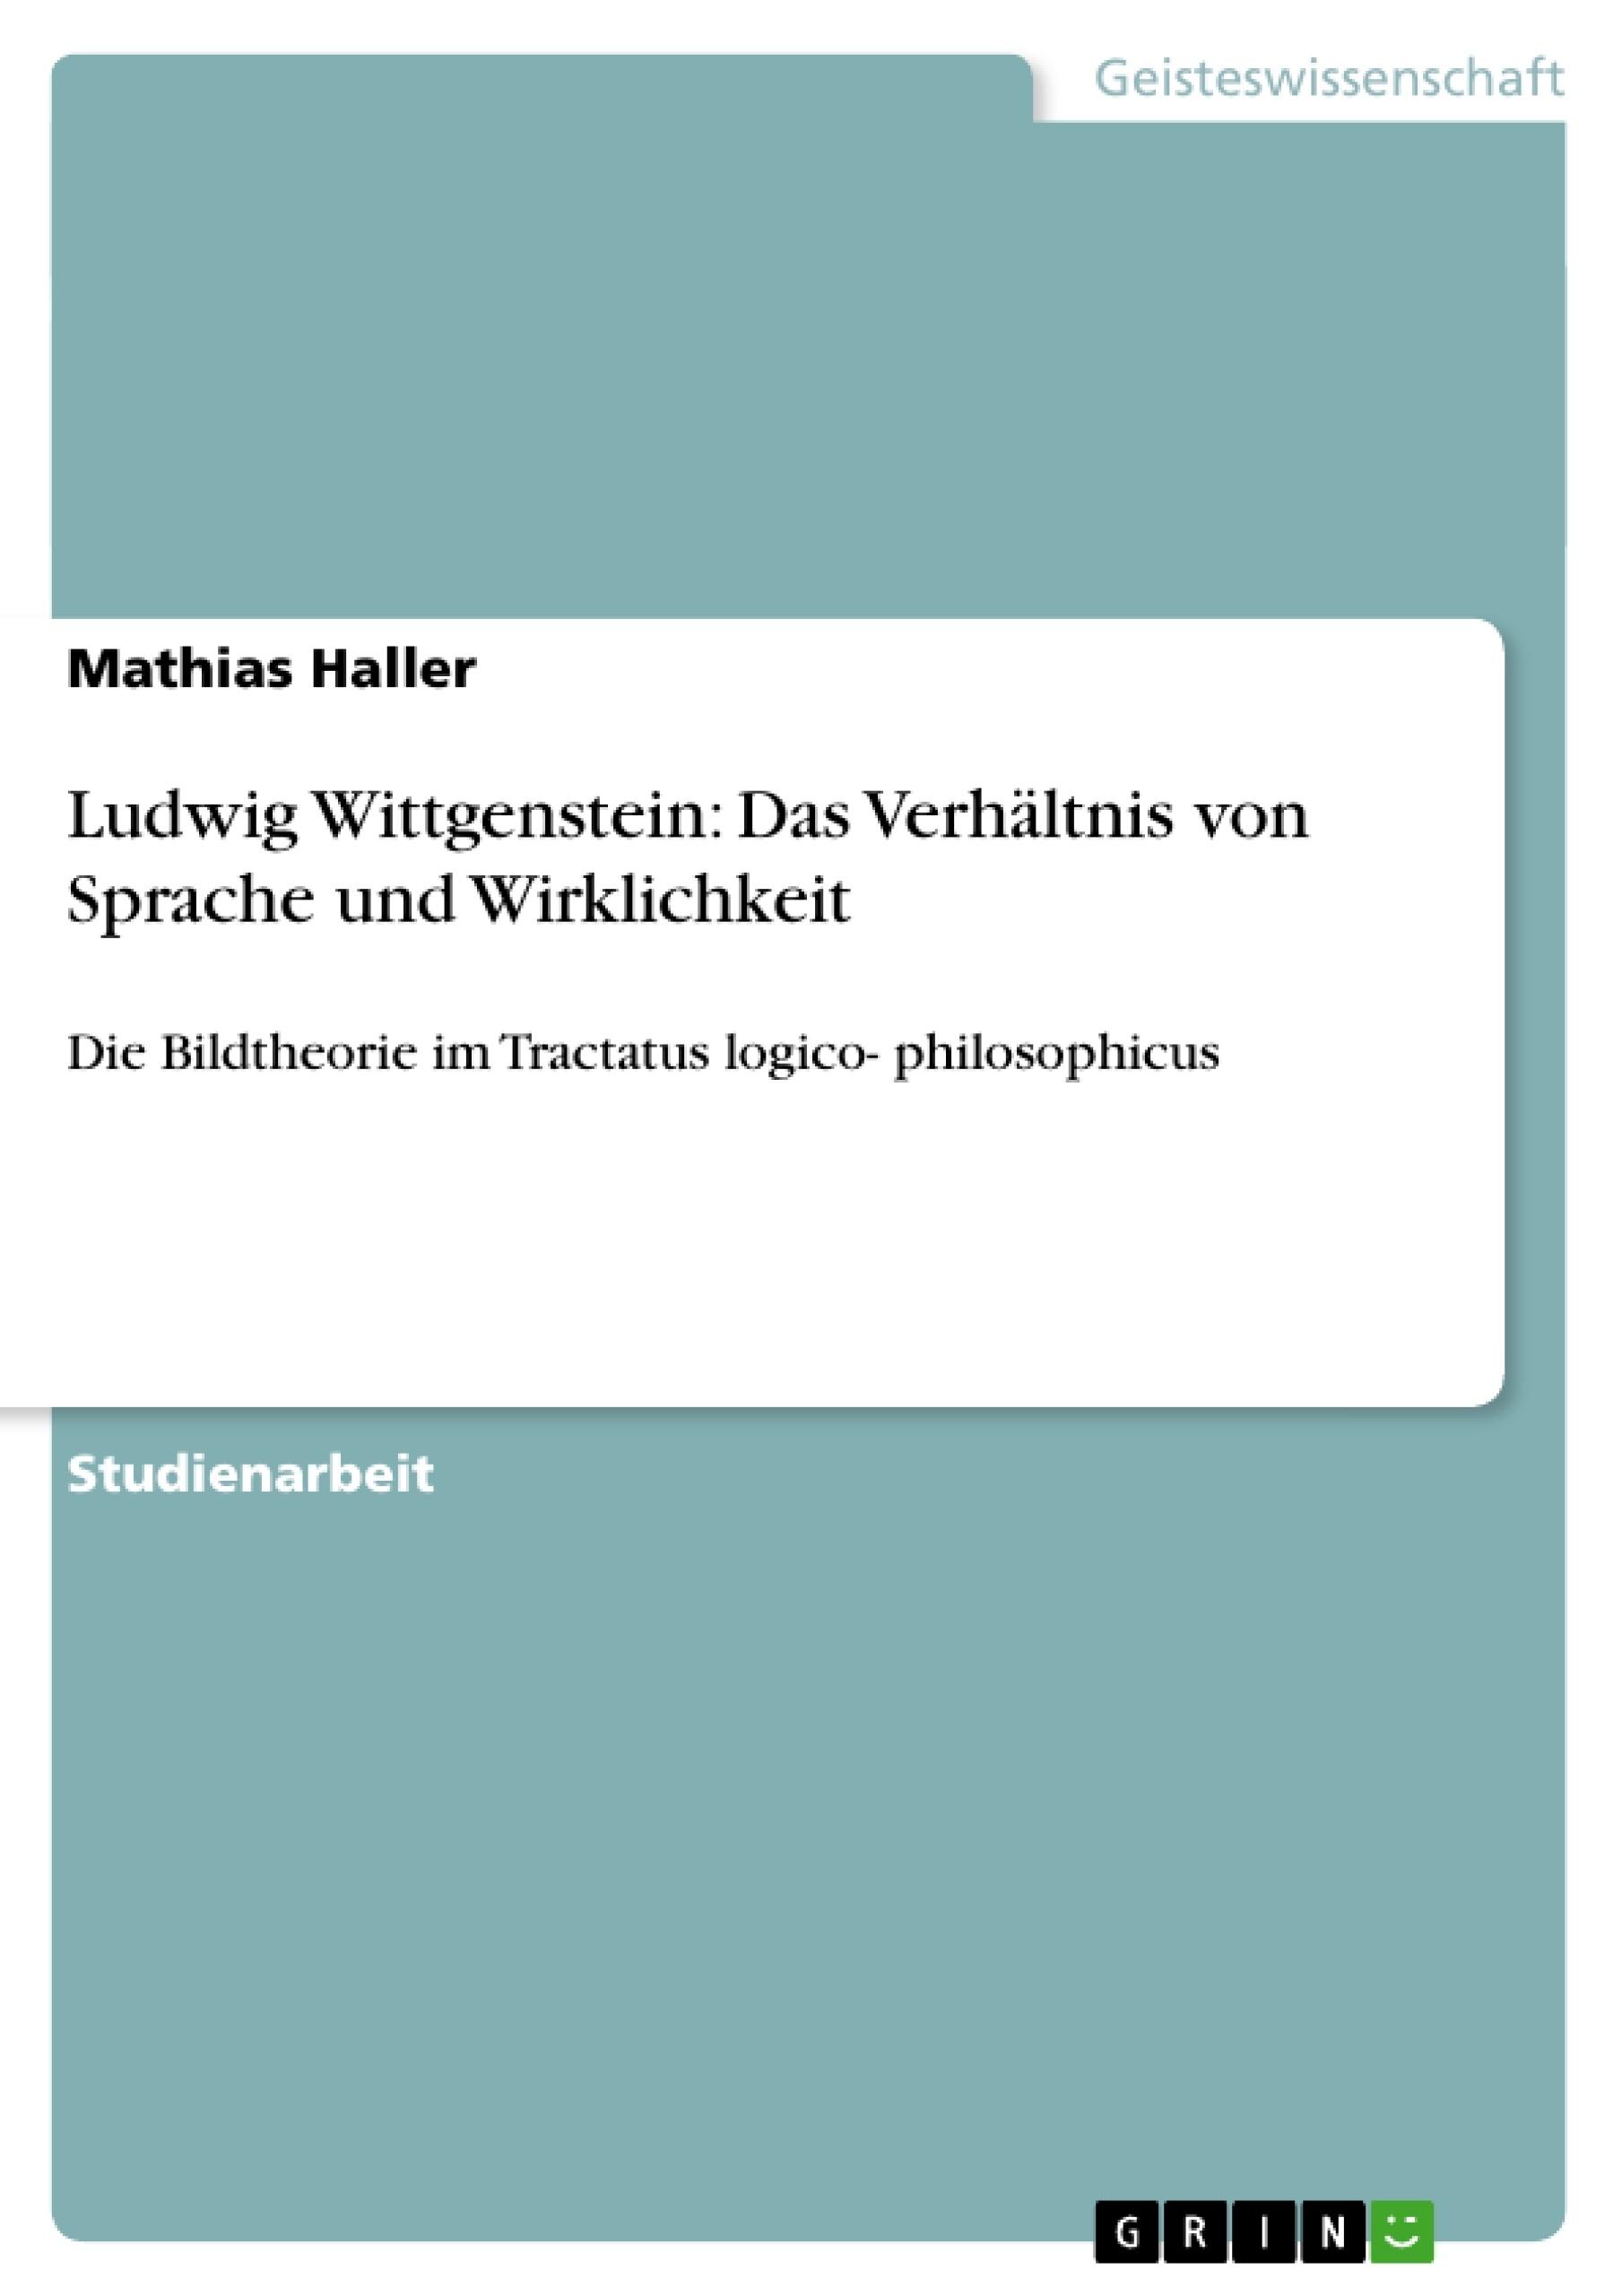 Titel: Ludwig Wittgenstein: Das Verhältnis von Sprache und Wirklichkeit